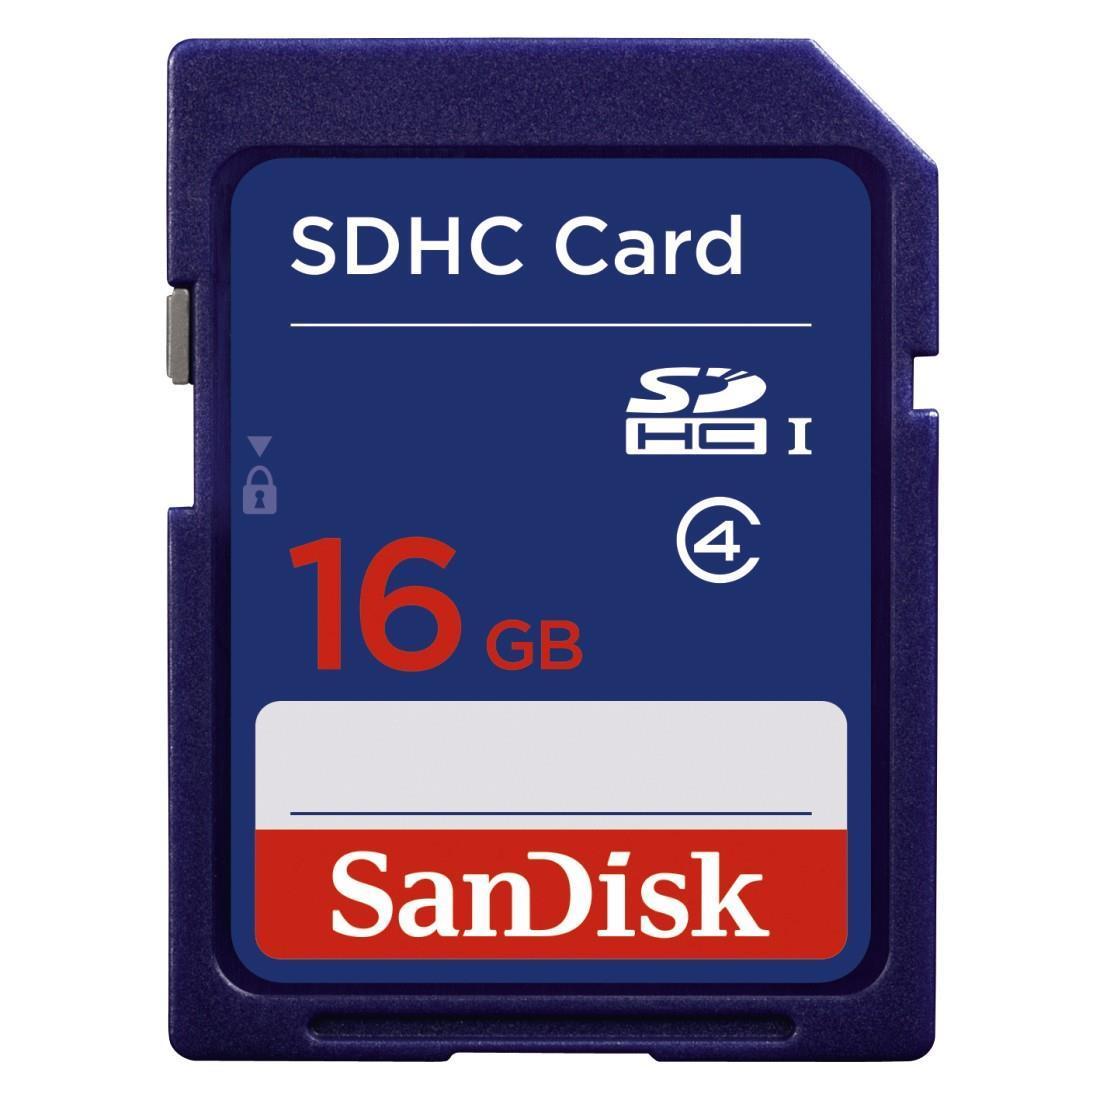 SanDisc SanDisk EDGE 16GB SD Speicherkarte